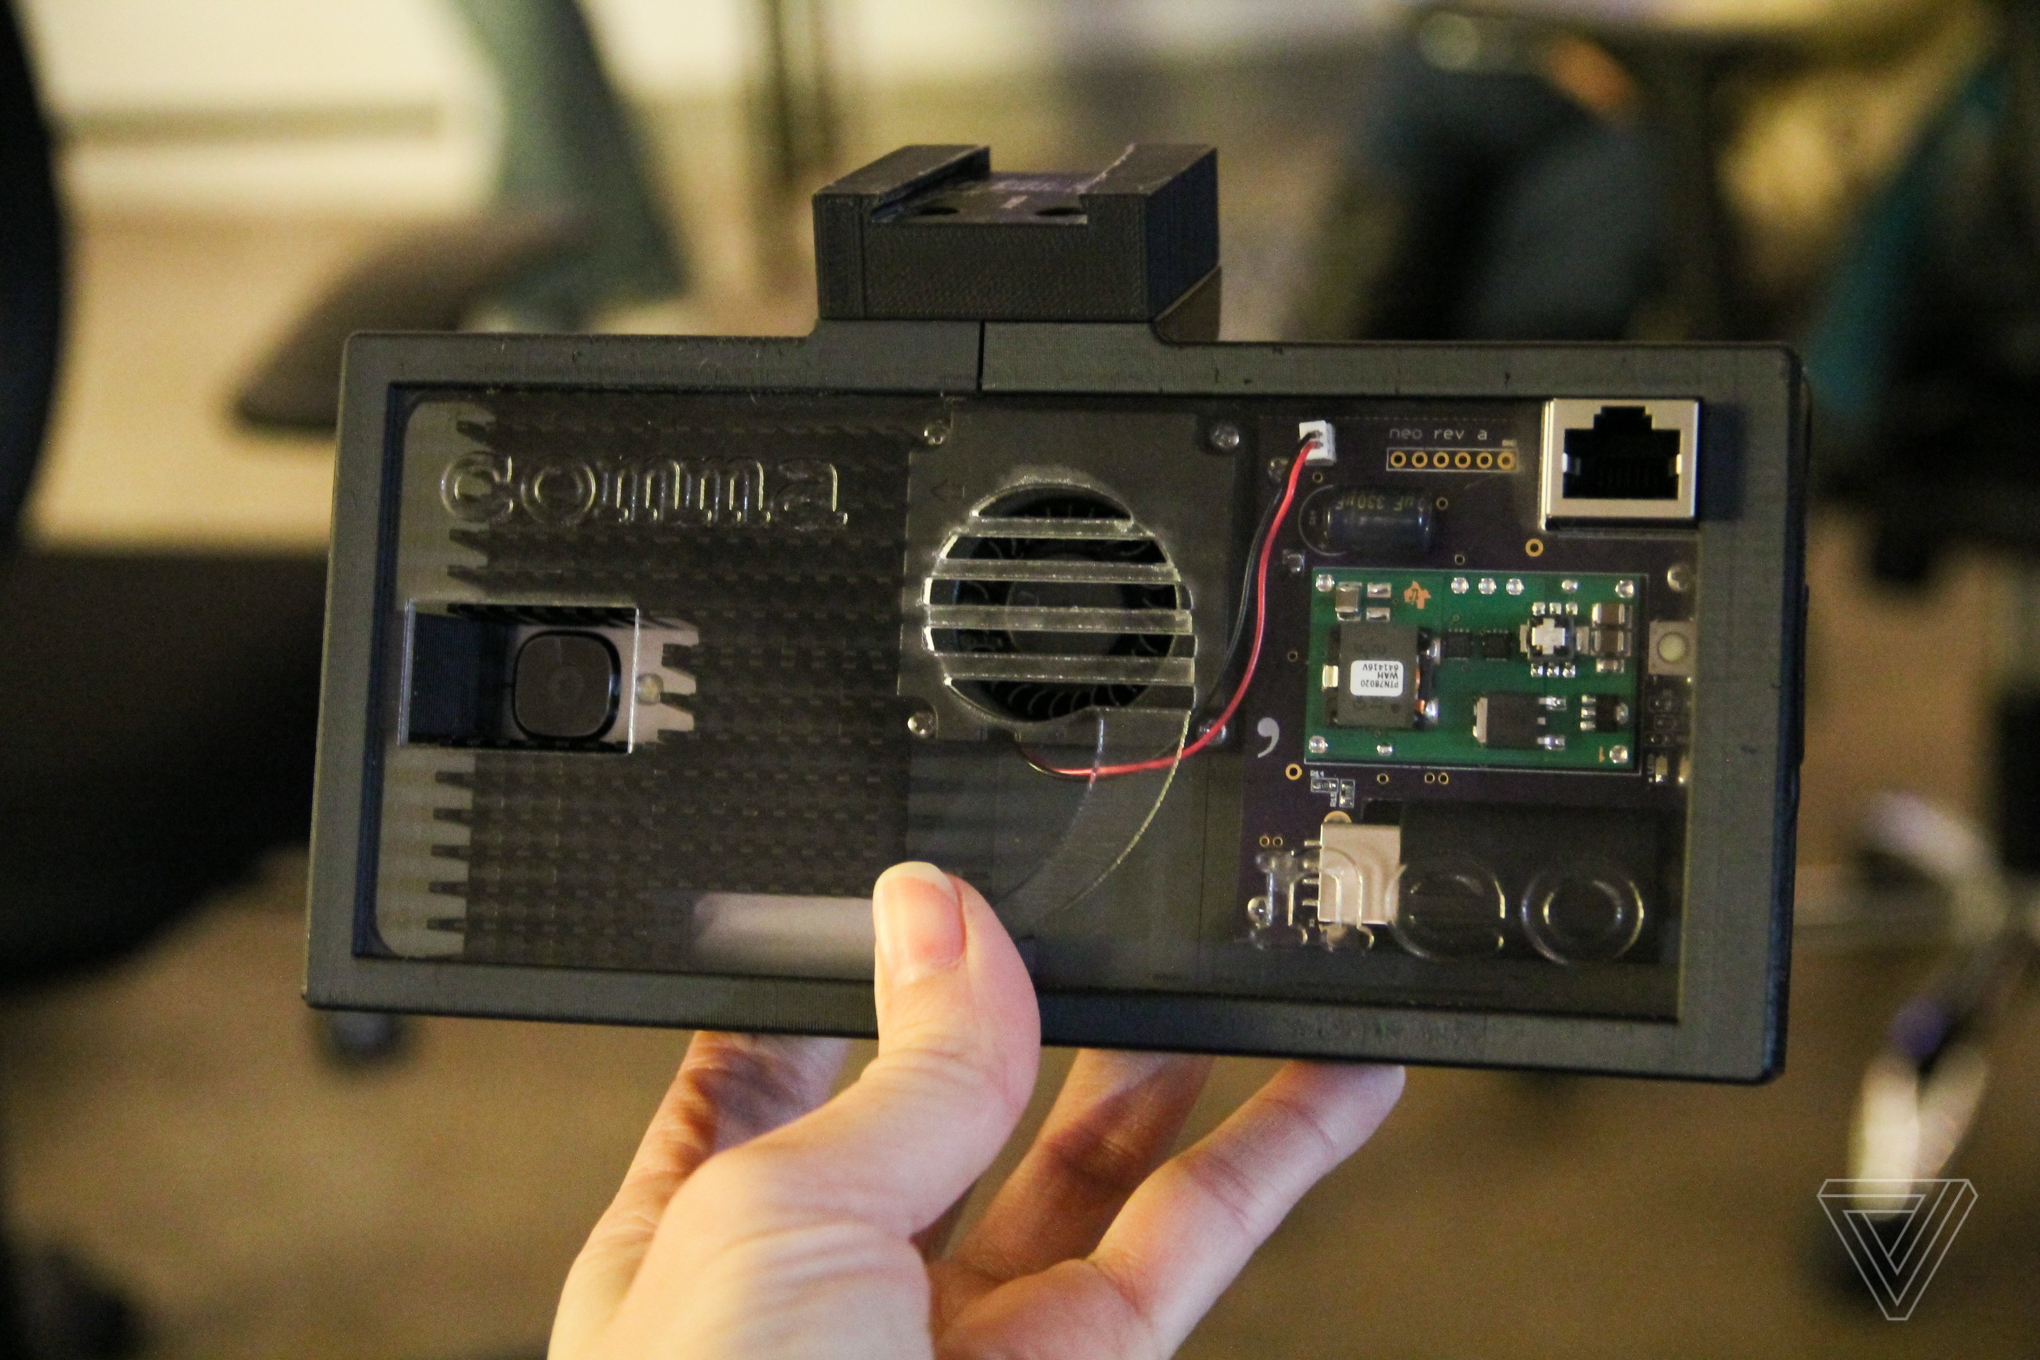 Tech start-up makes self-driving technology open source